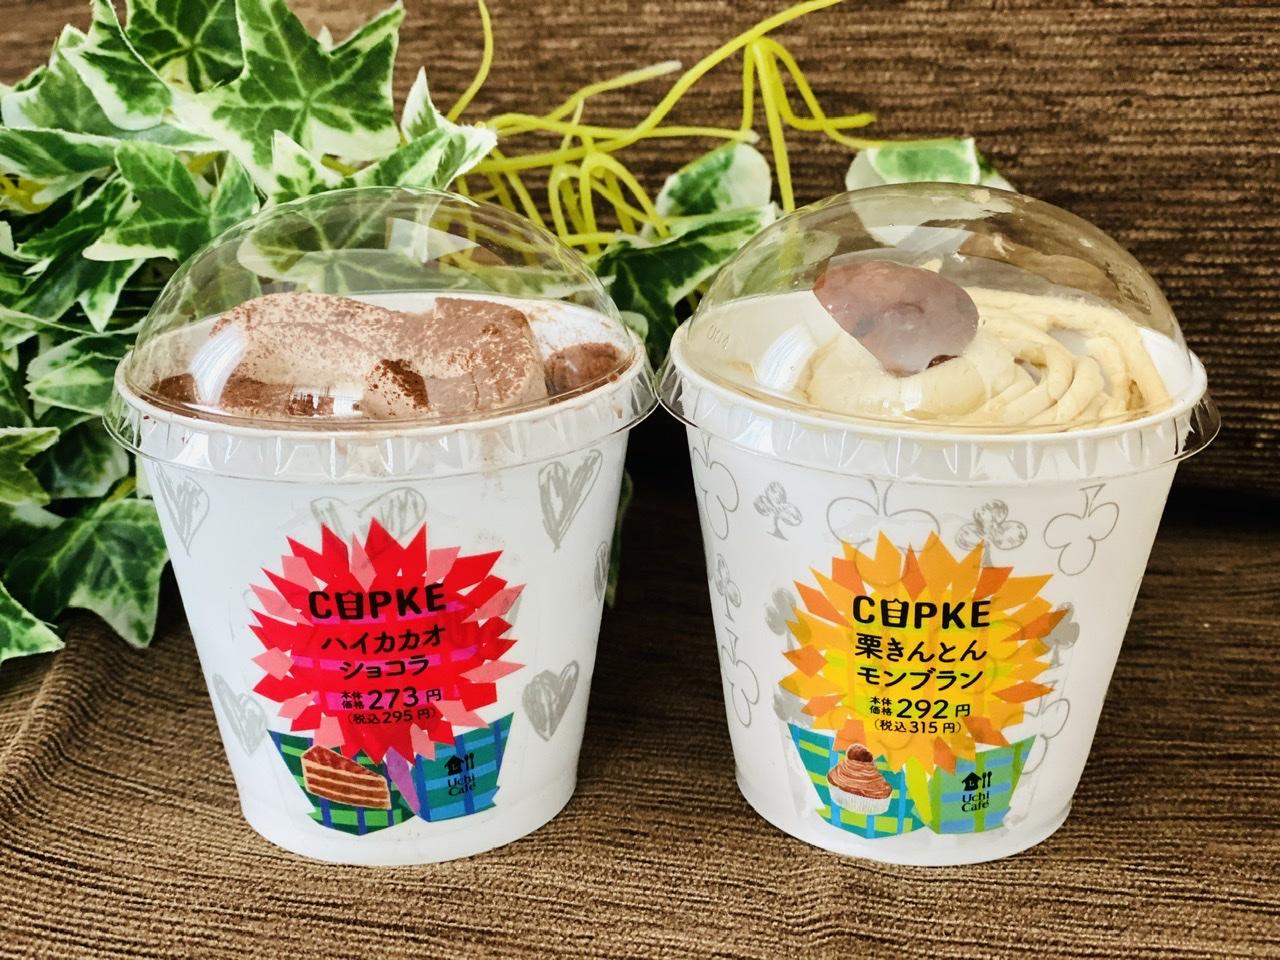 【ローソンスイーツ】可愛すぎて2つ買い♡《CUPKE(カプケ)》から夏の新作3品登場!_1